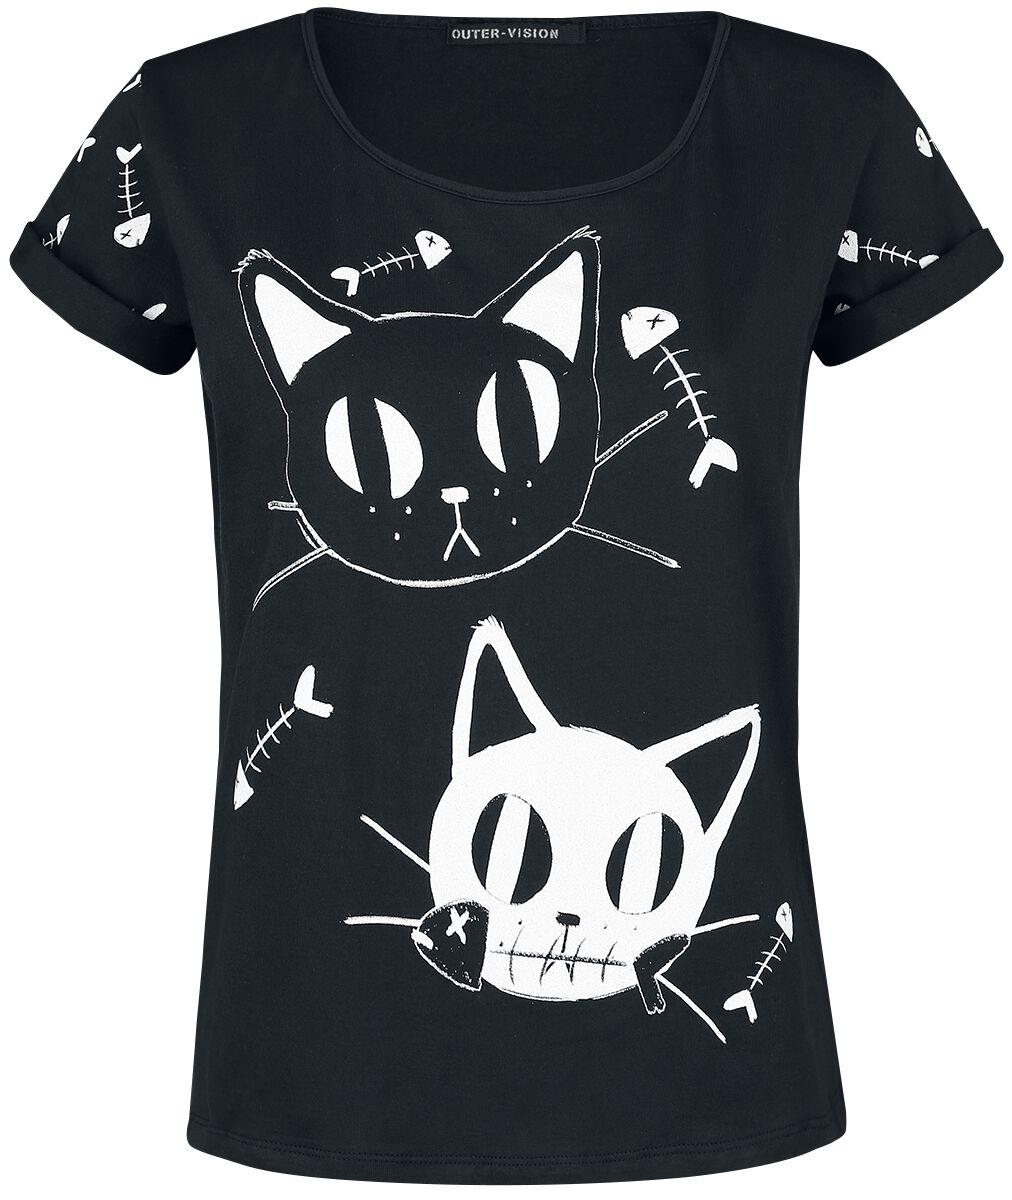 Image of   Outer Vision Cat Meal Girlie trøje sort